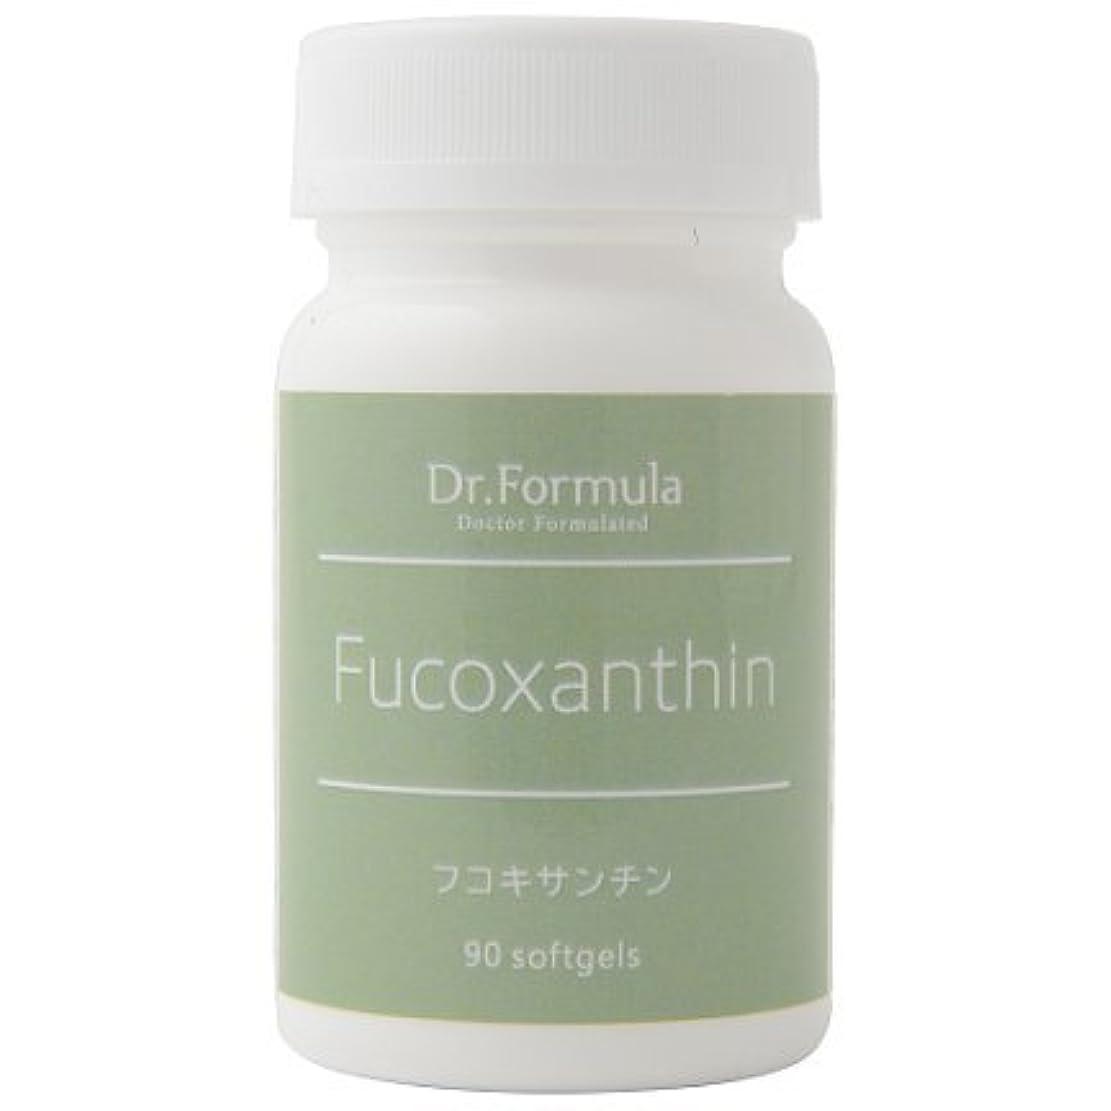 かんがいおびえた海嶺Dr.Formula フコキサンチン(テレビで話題の希少成分) 30日分 90粒 日本製 Fucoxanthin